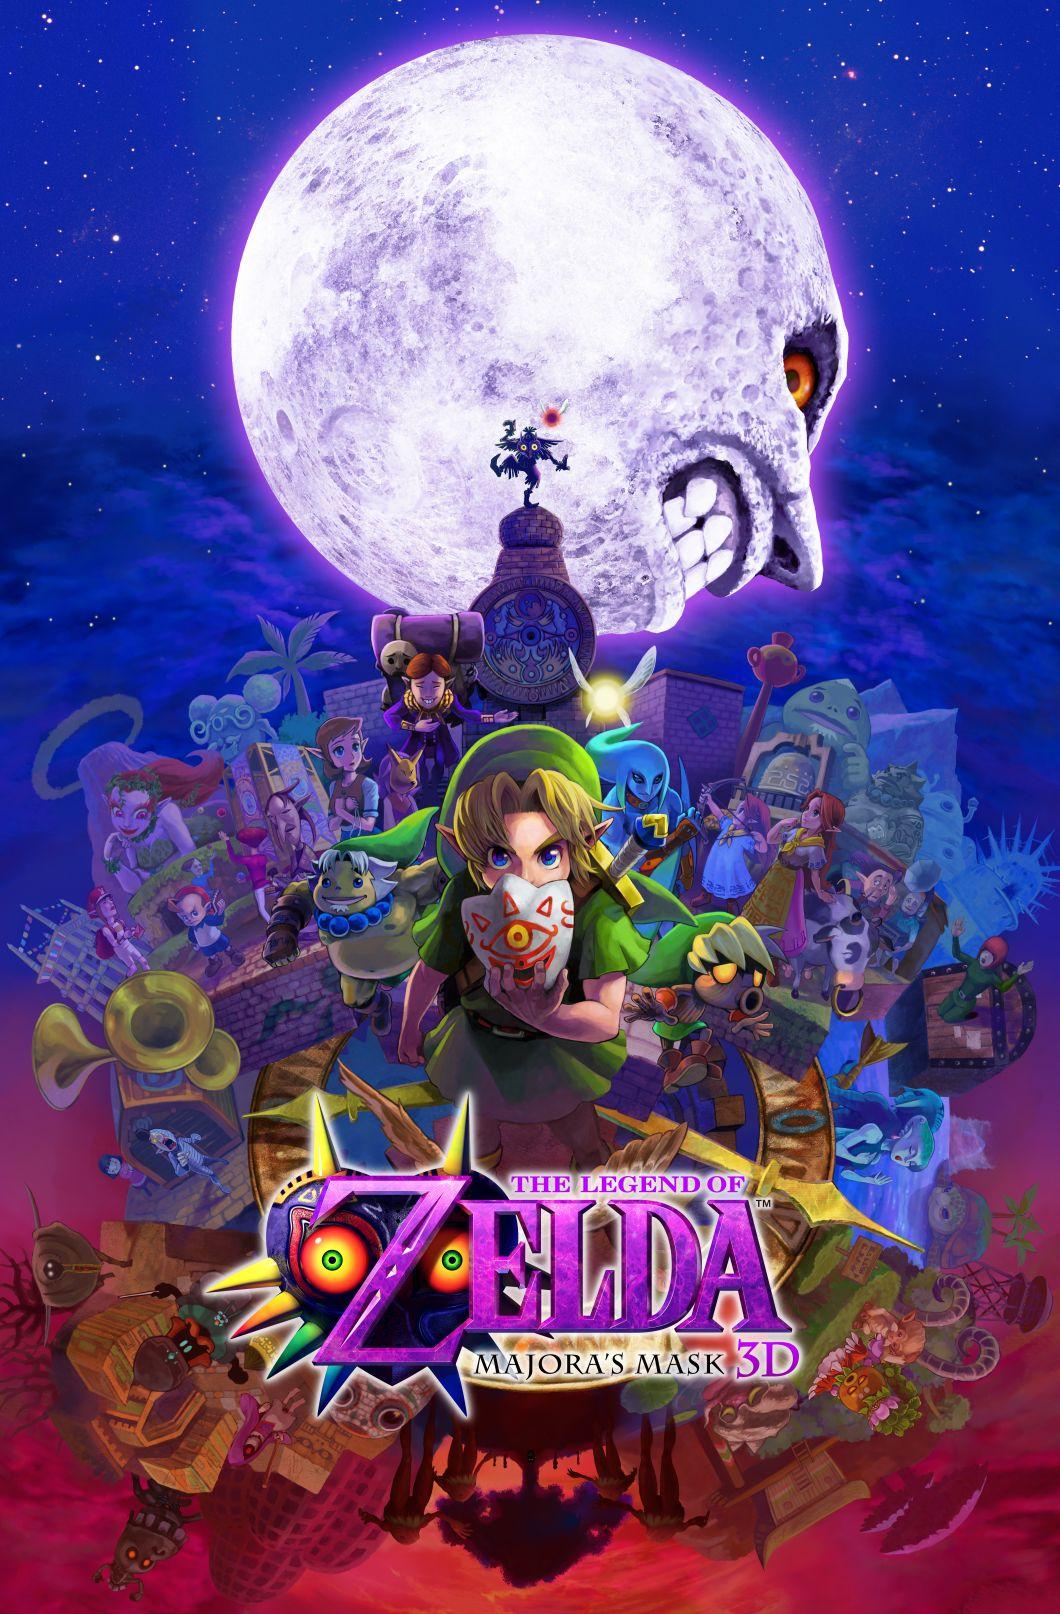 Zelda: Majora's Mask 3D review – a Link to the dark side